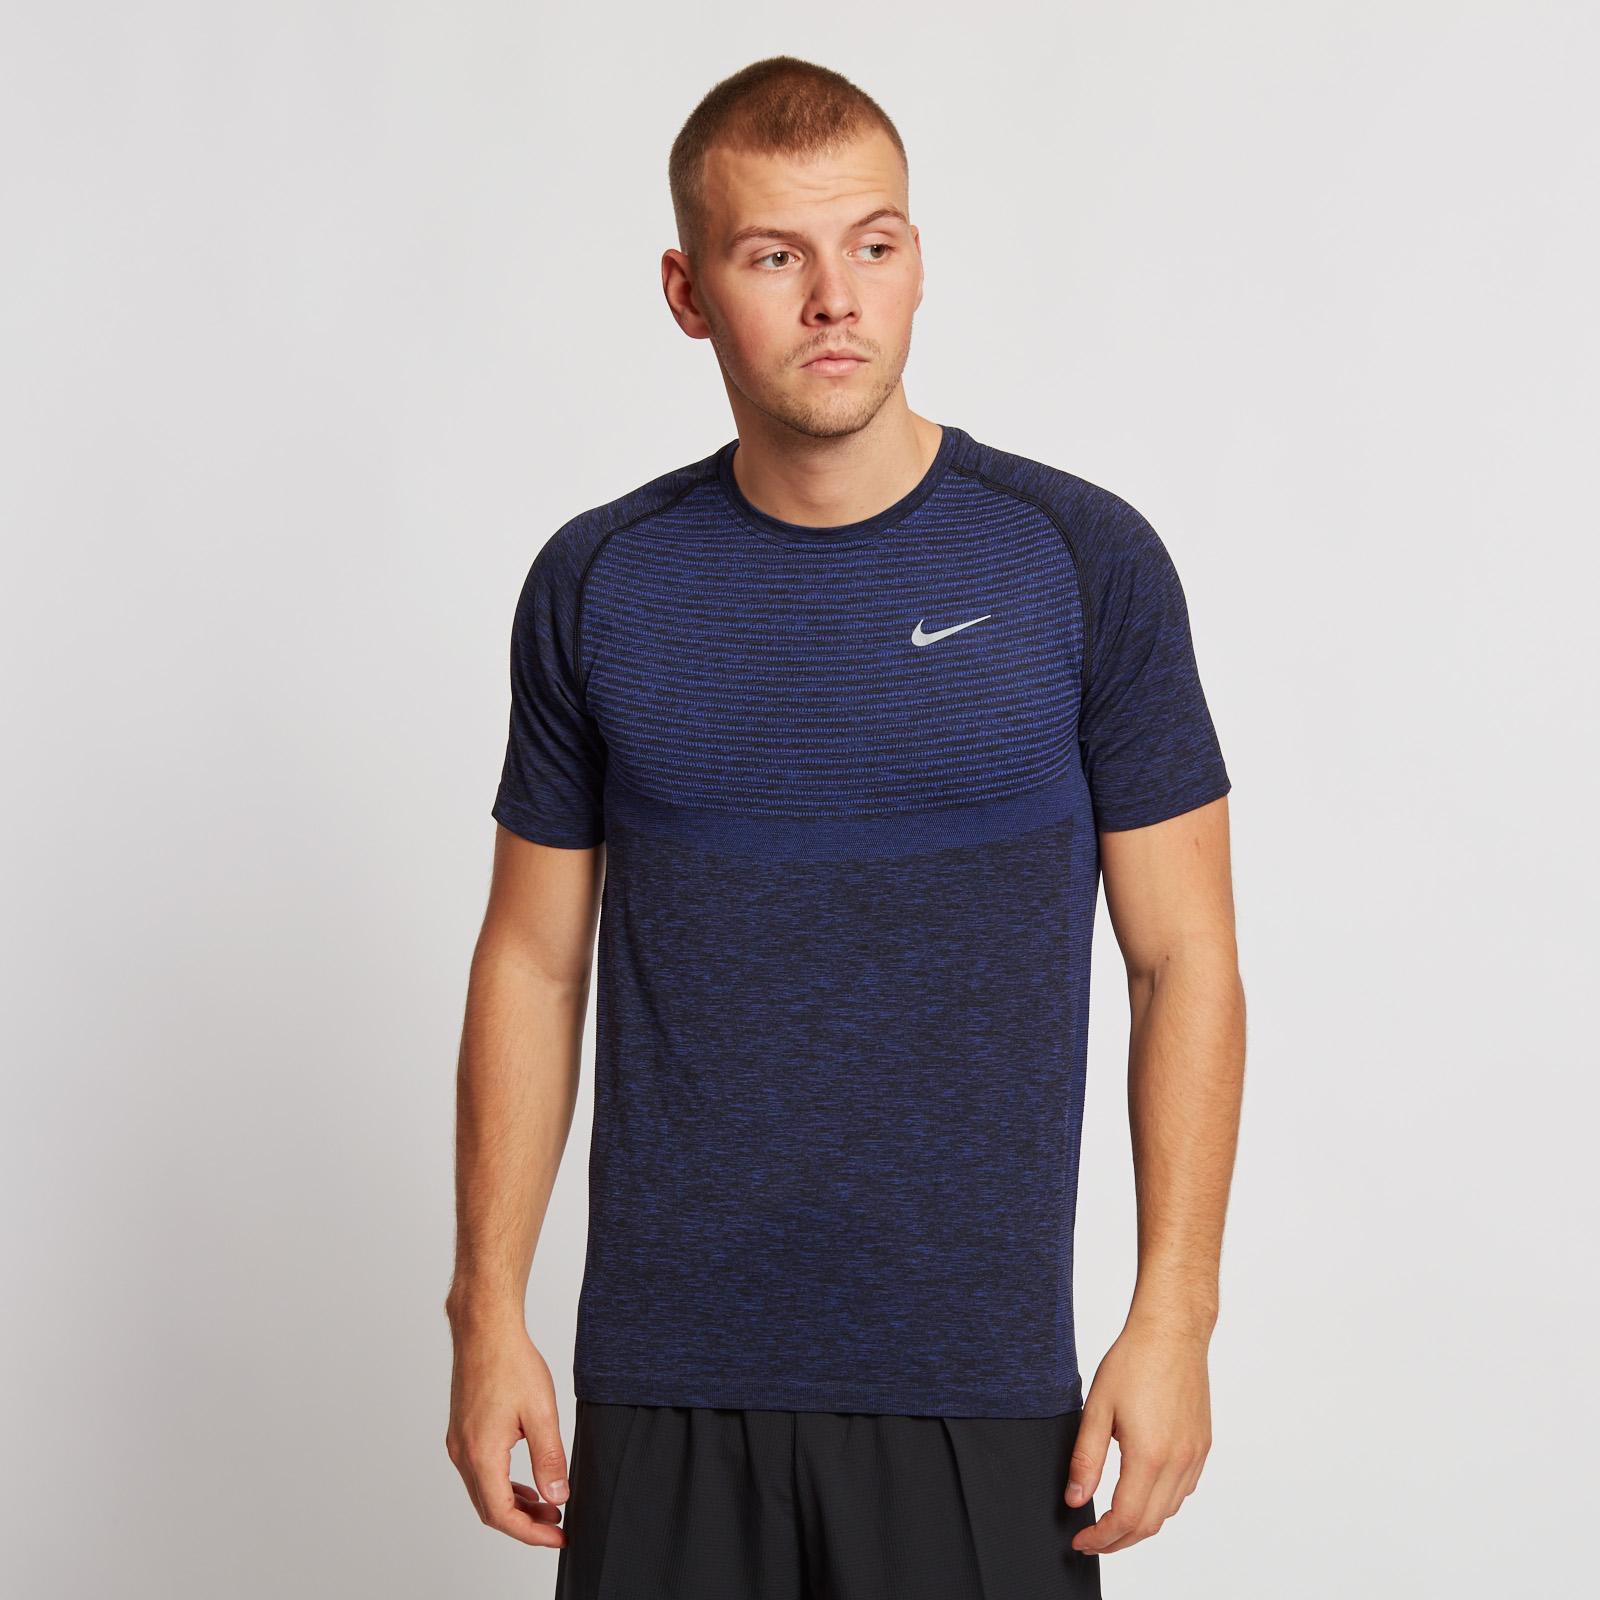 0ee23db3c8 Nike Dri-Fit Knit SS - 717758-459 - Sneakersnstuff